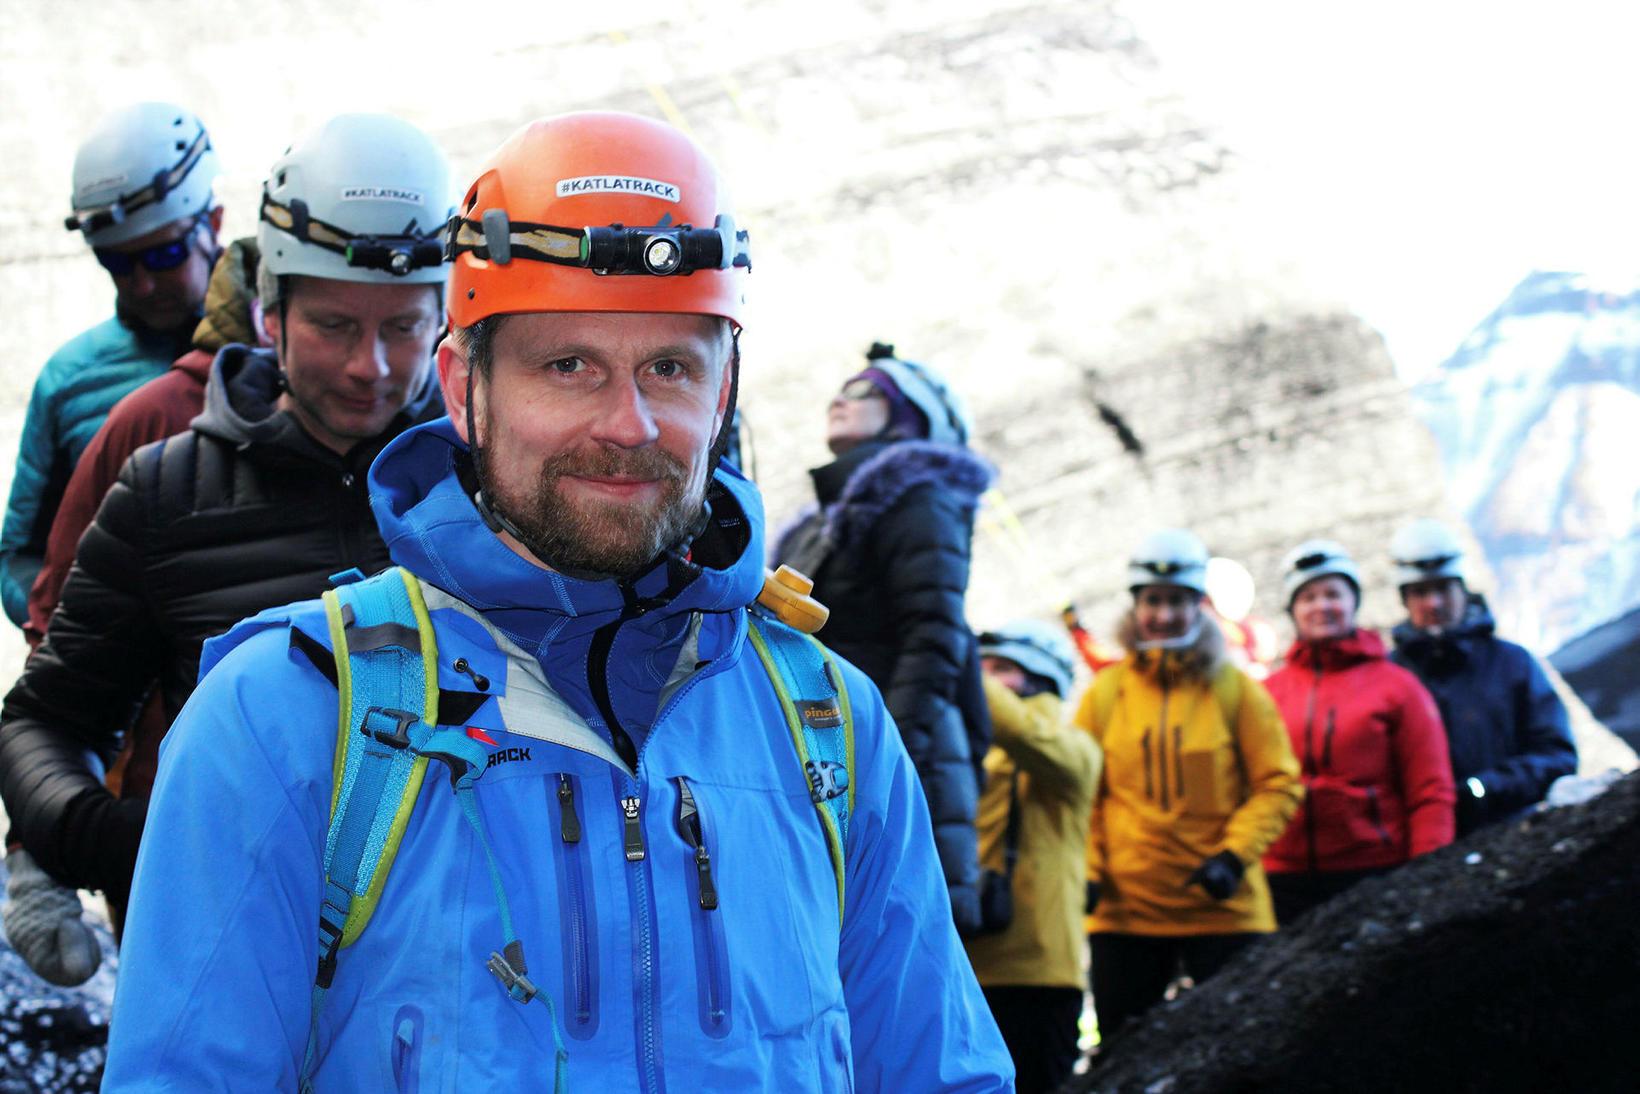 Guðjón Þorsteinn Guðmundsson, in good company.